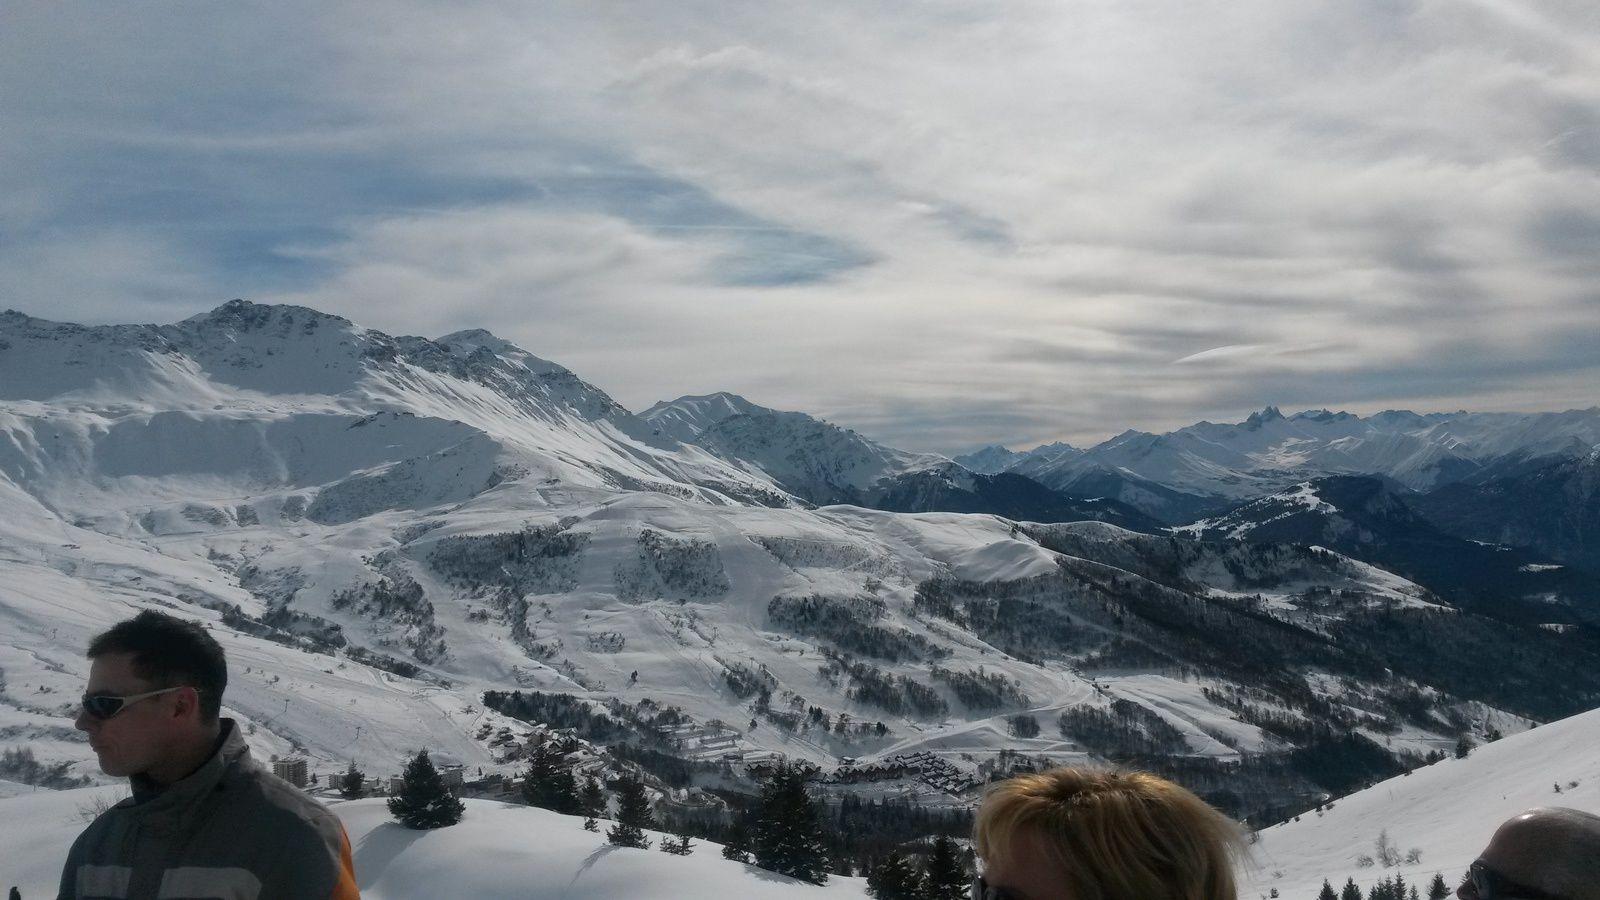 La neige, des paysages majestueux